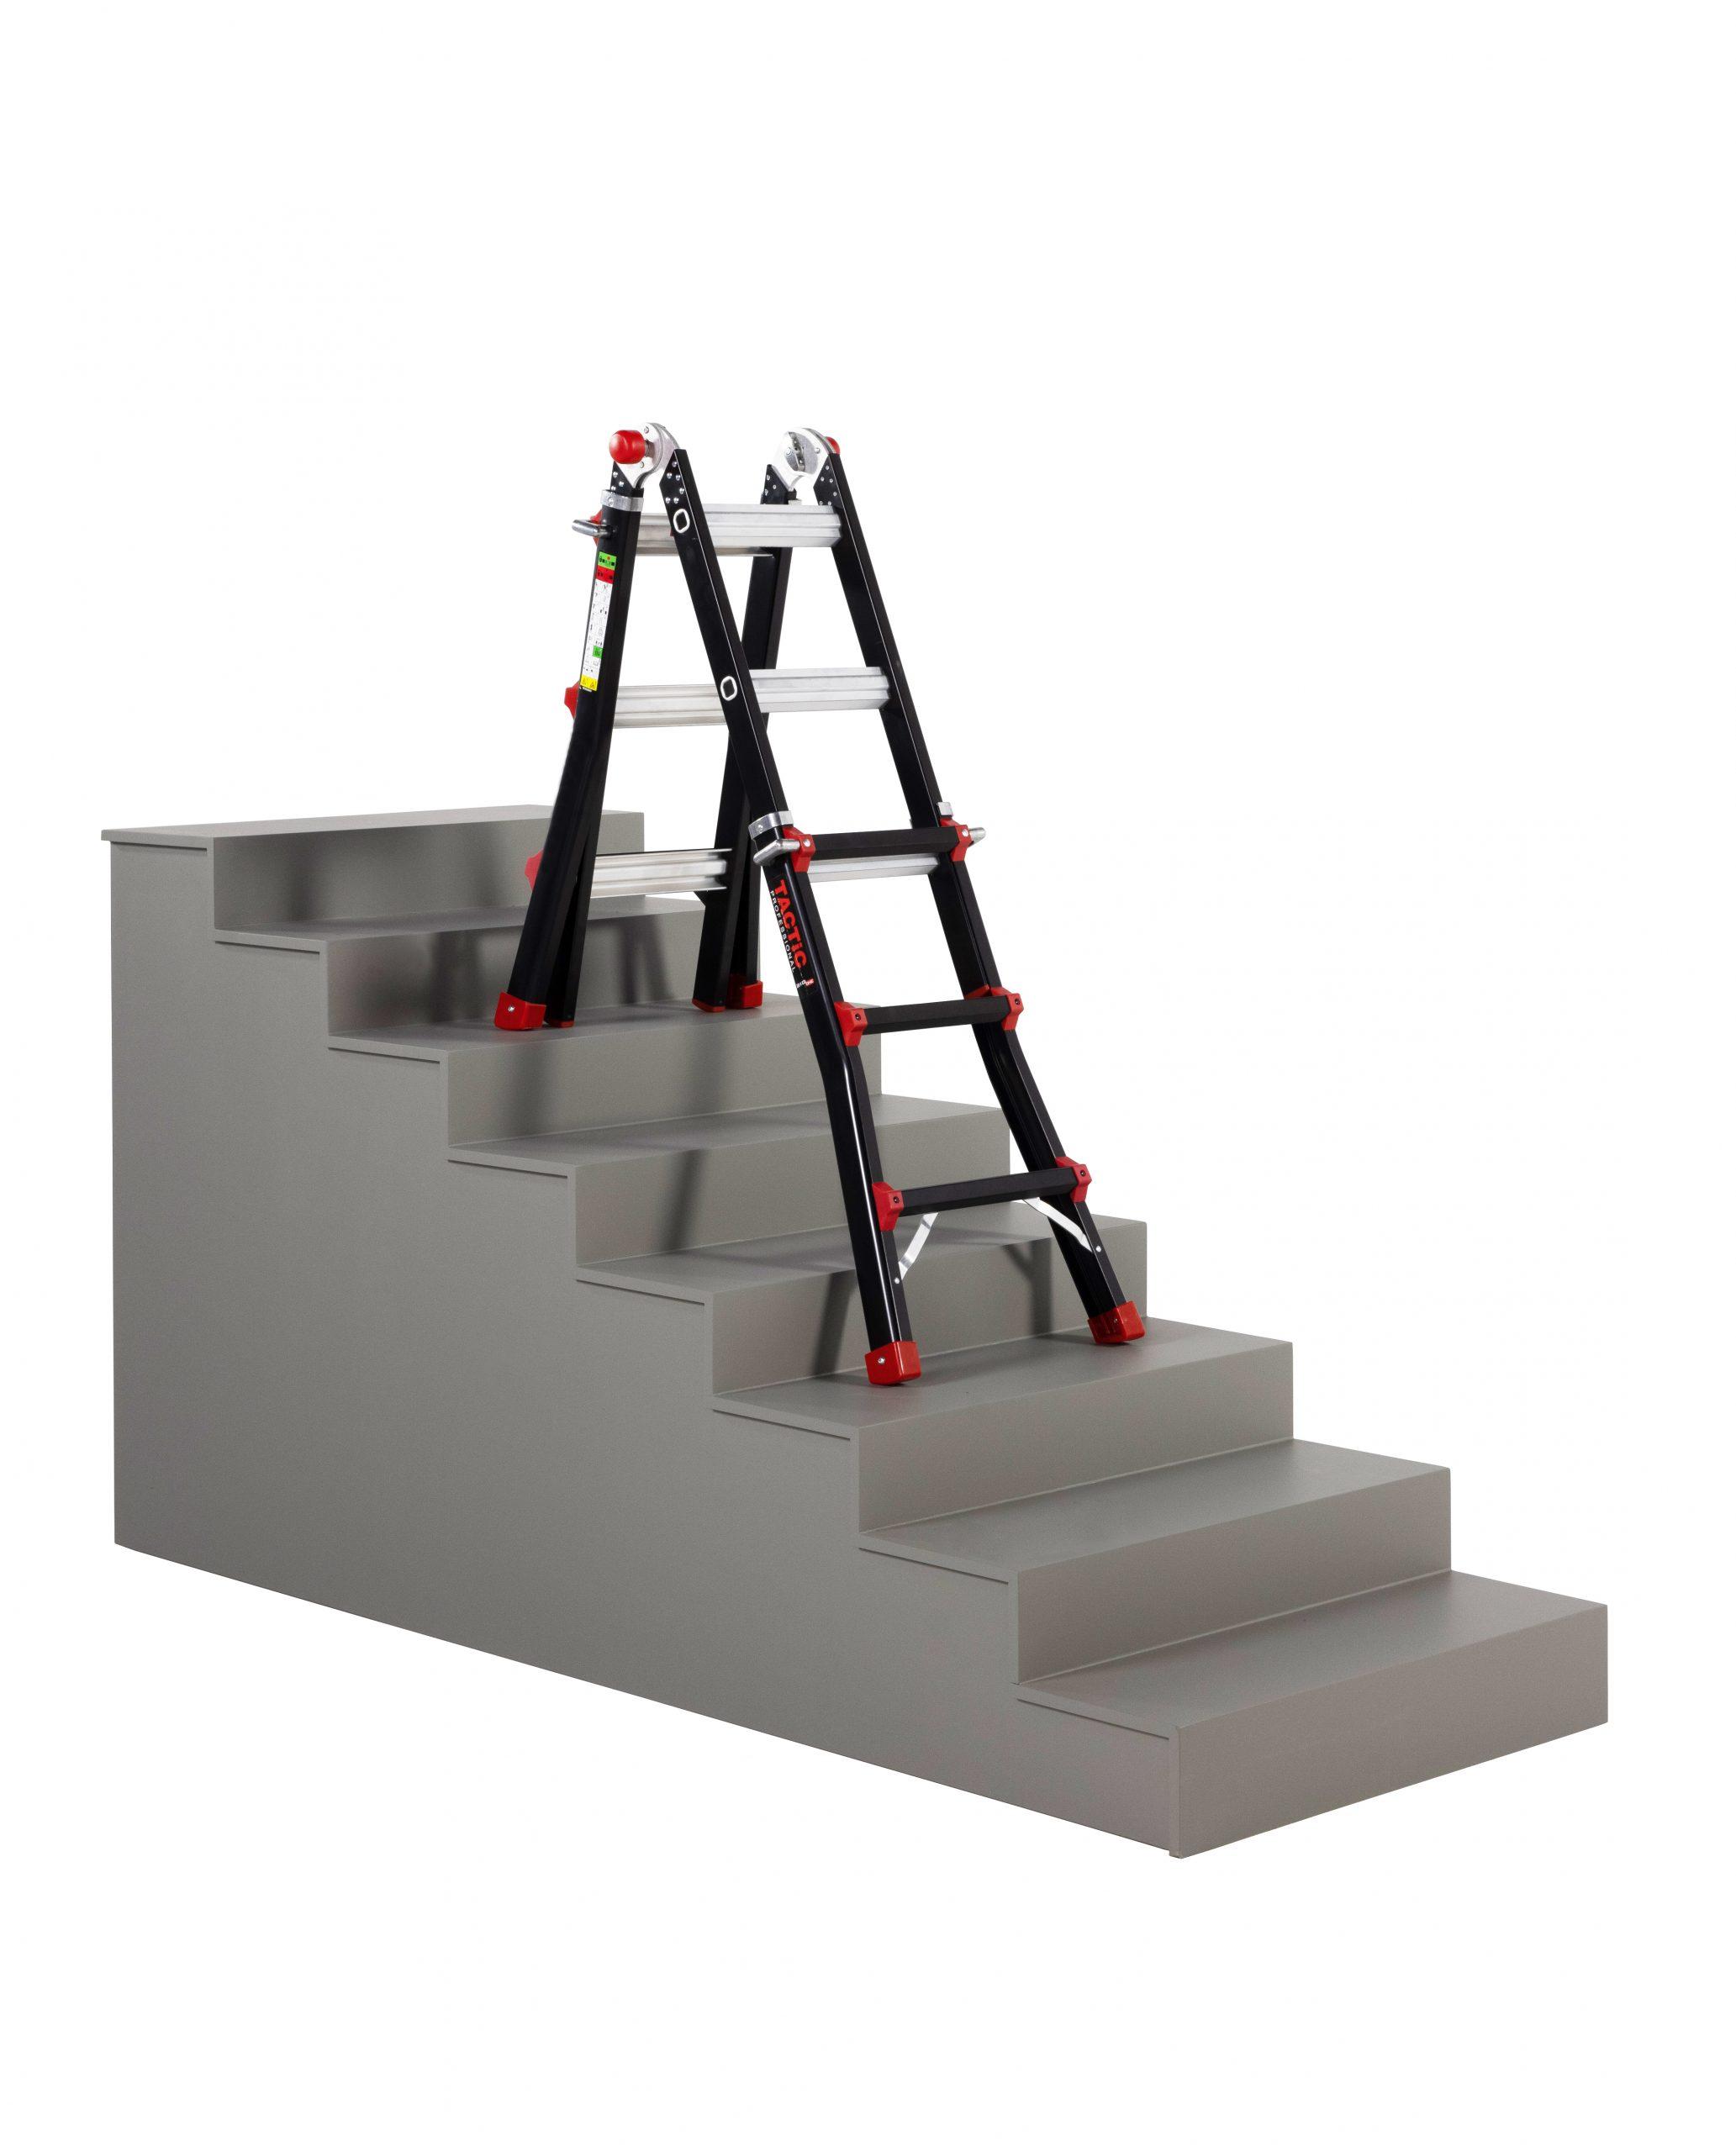 4x3 uitgeschoven op trap